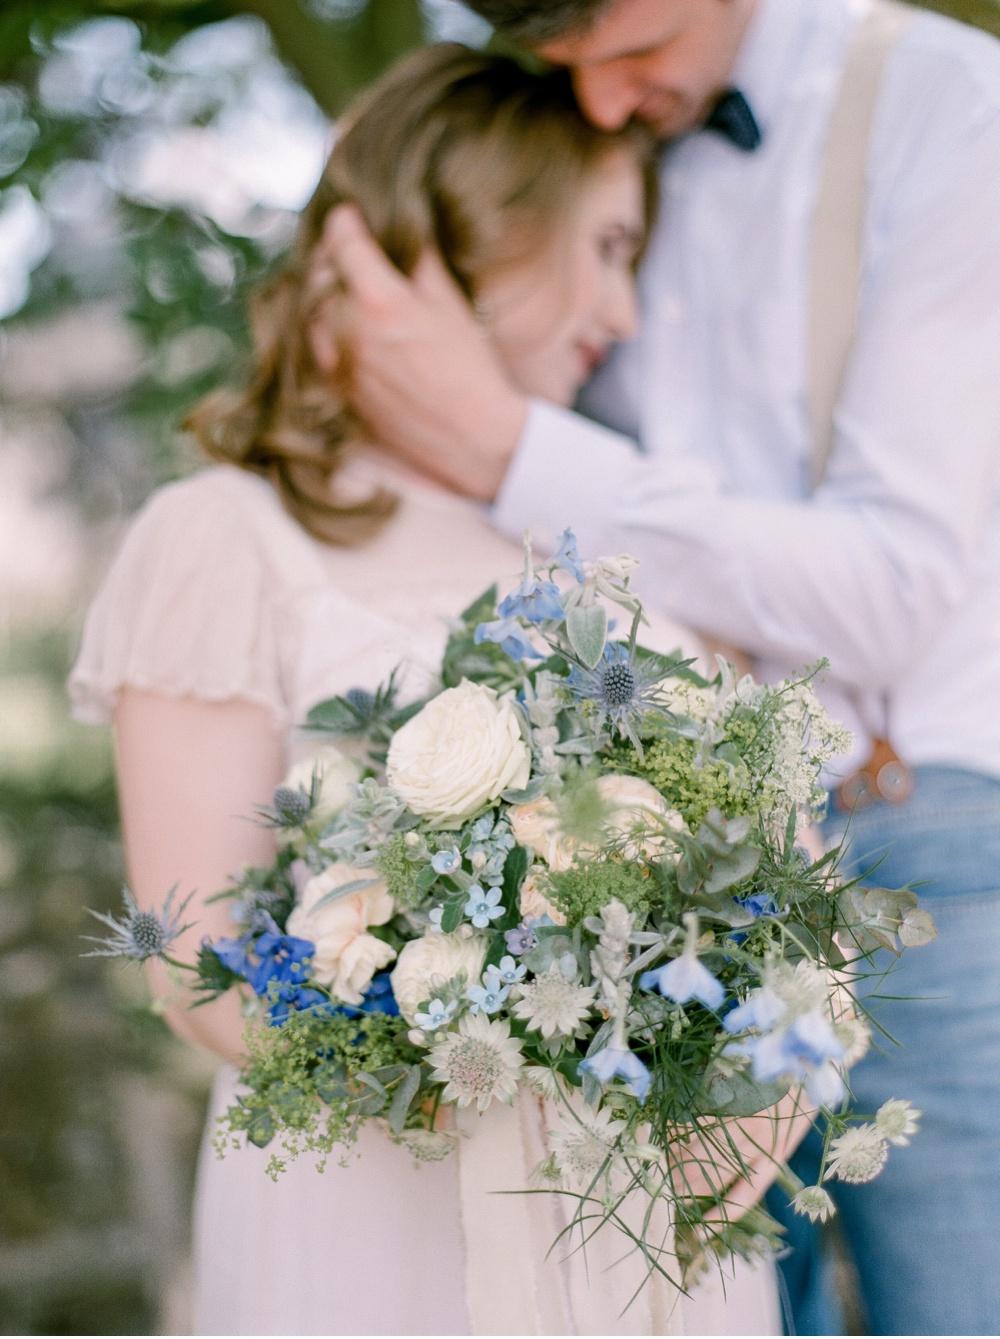 Wedding_Photographer_Tuscany©MadalinaSheldon_0007.jpg